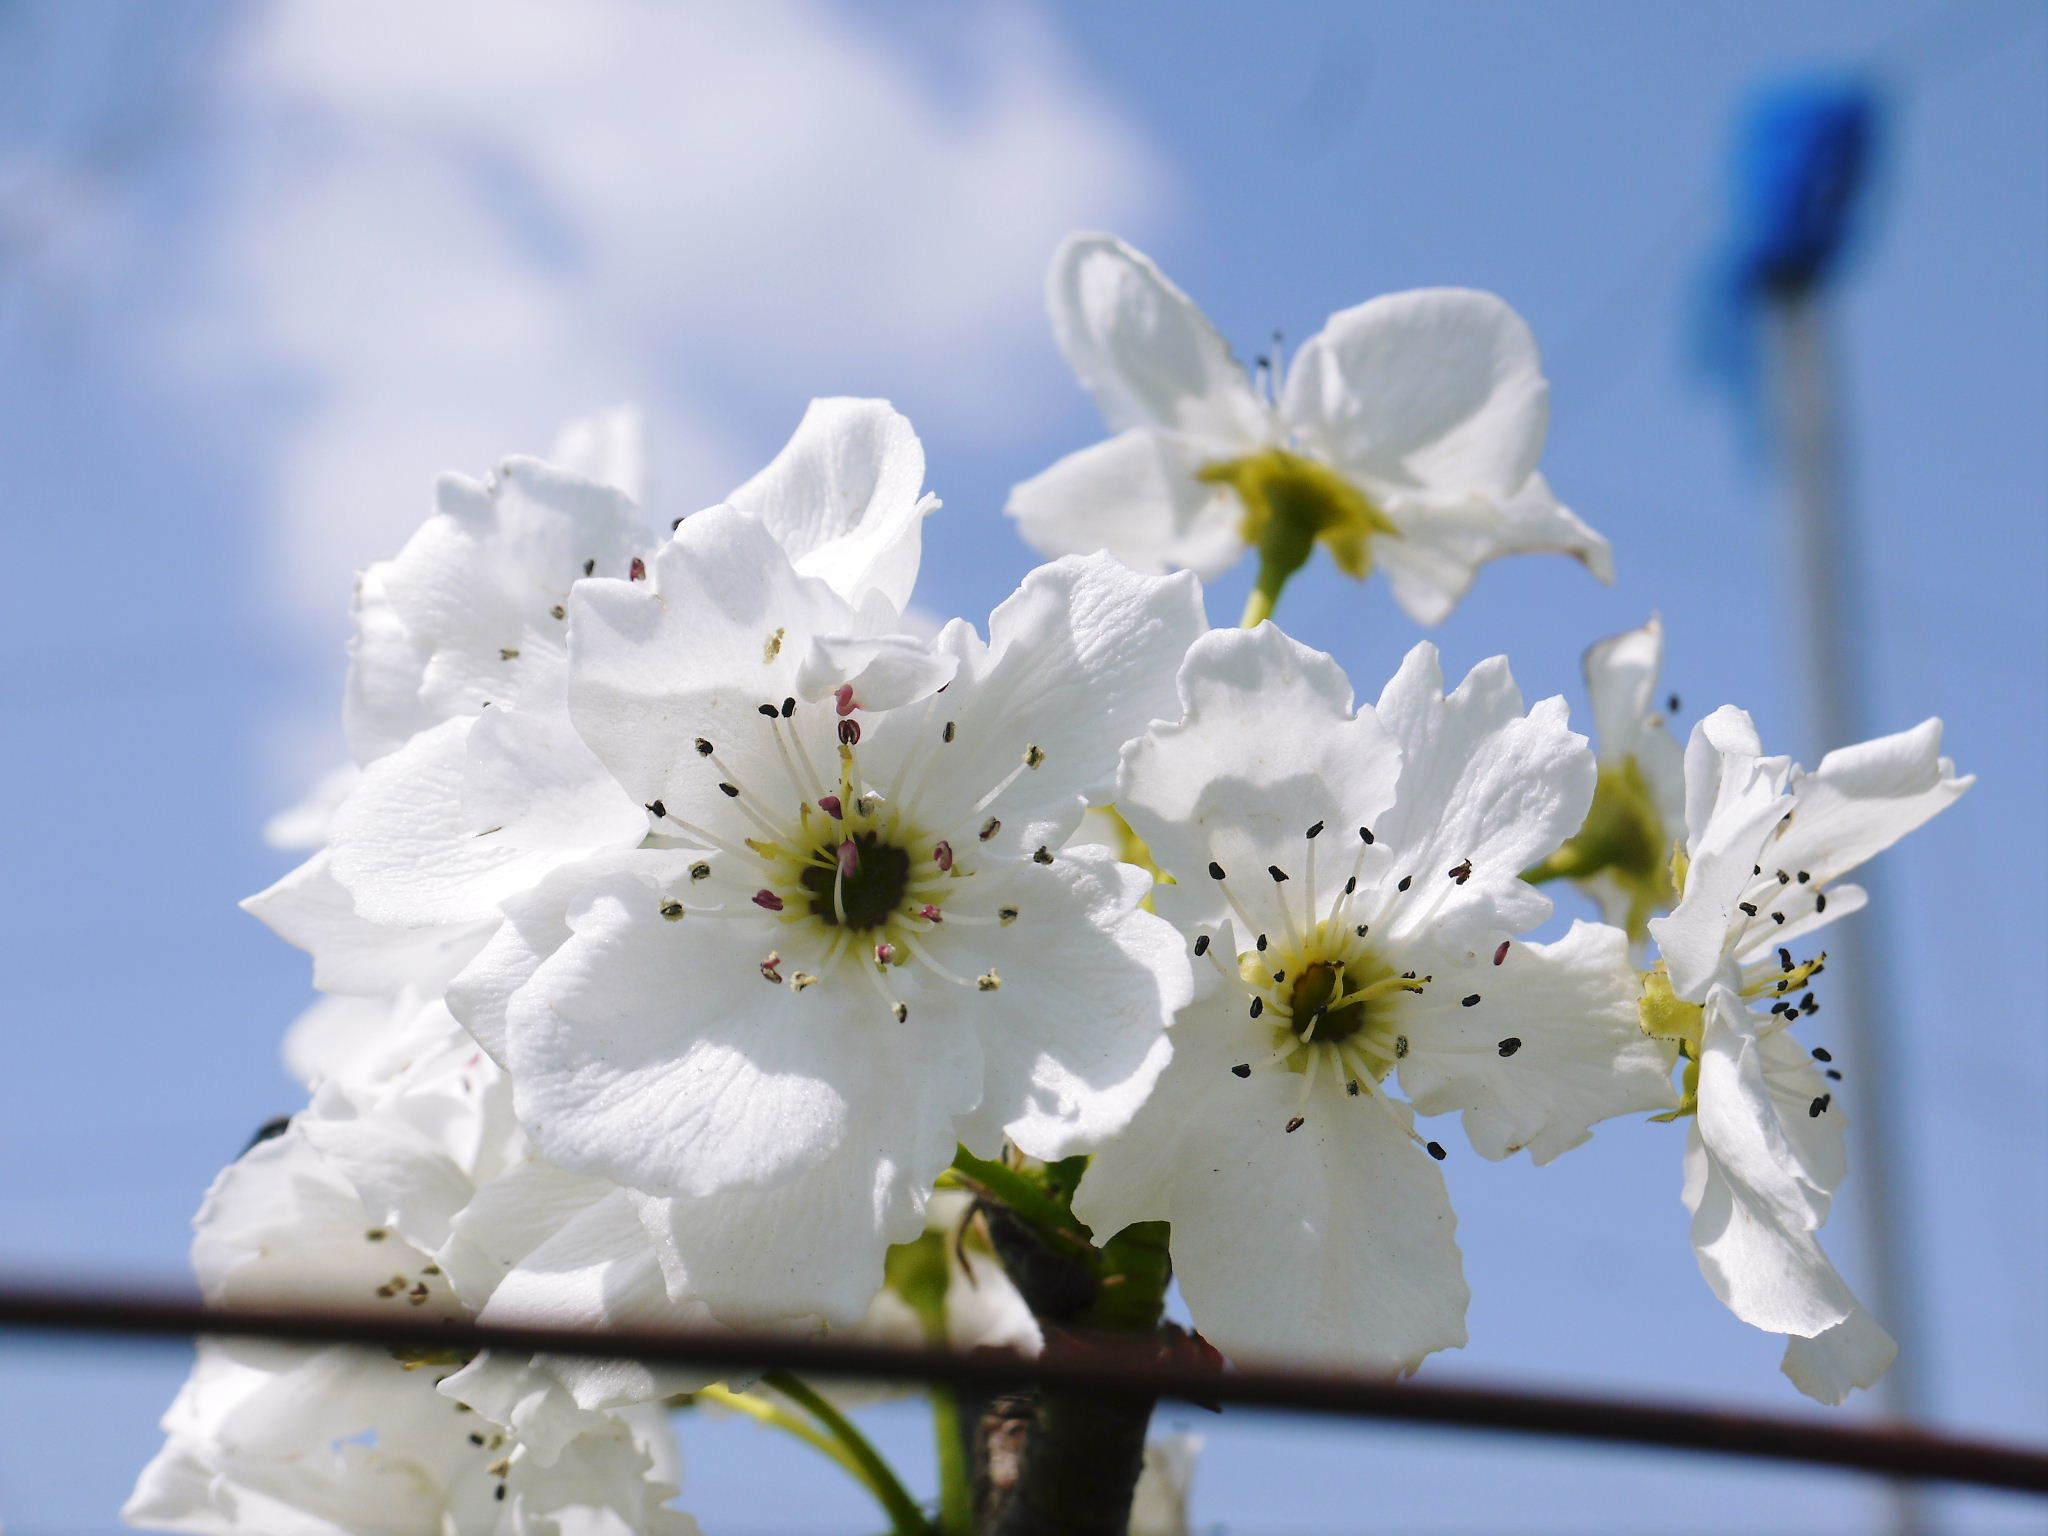 熊本梨 岩永農園 気温の上昇と共に、まずは最後に収穫する新高の花が咲き誇っていました_a0254656_18542647.jpg